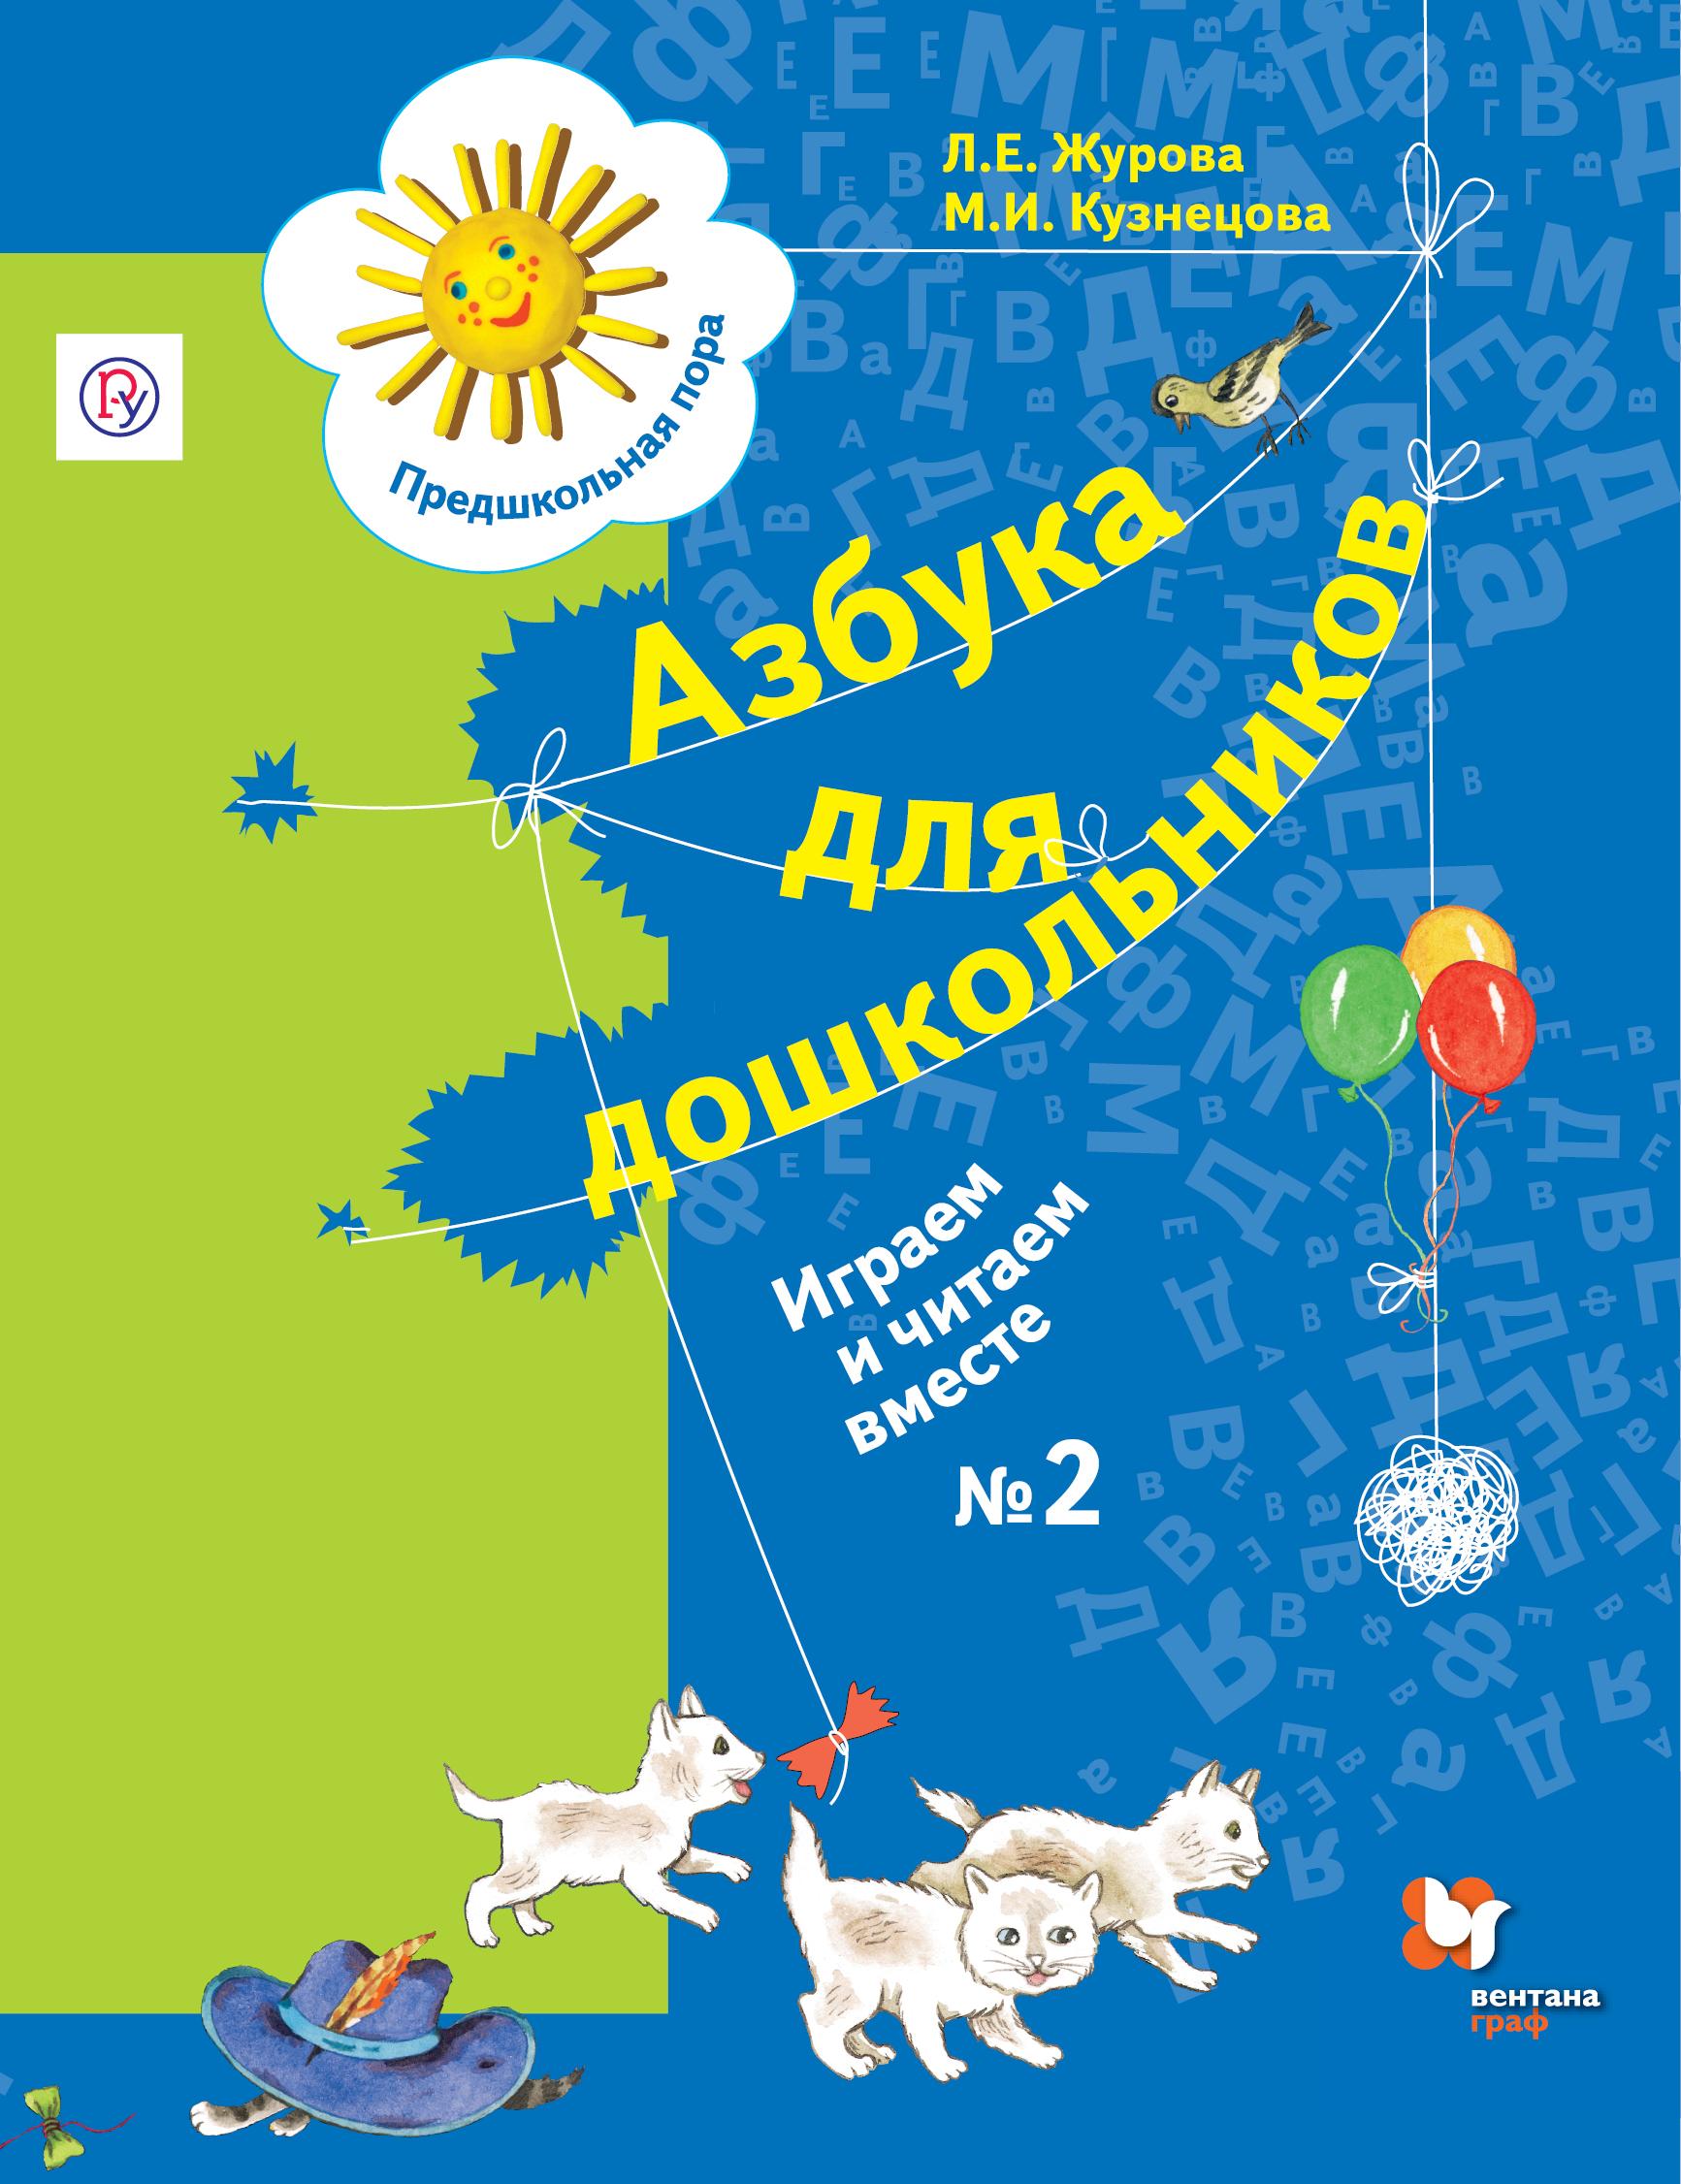 Л. Е. Журова, М. И. Кузнецова Азбука для дошкольников. Играем и читаем вместе. Рабочая тетрадь №2